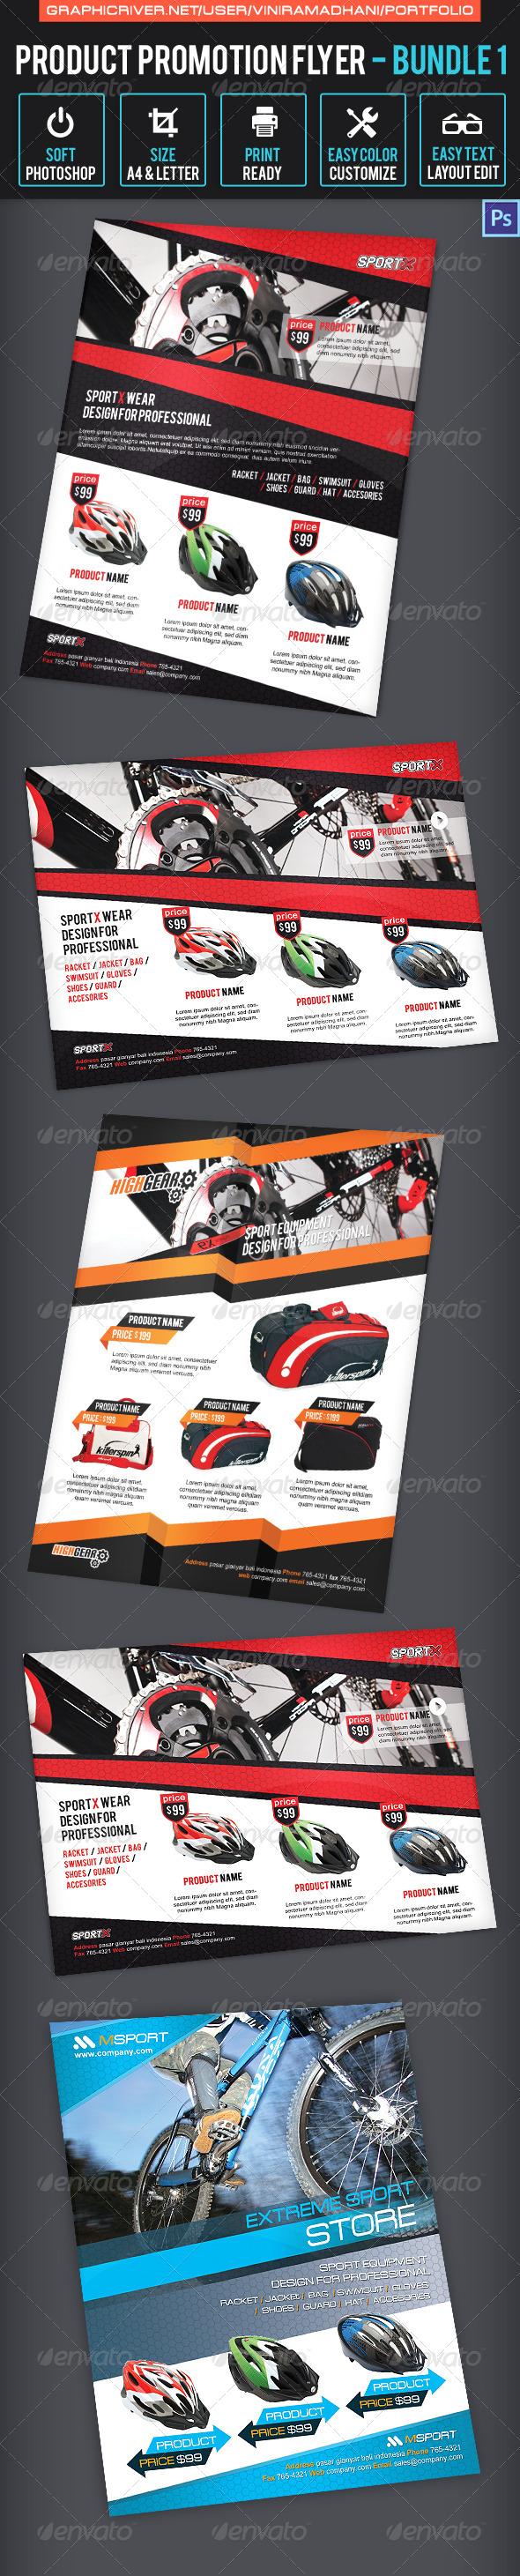 Product Promotion Flyer Bundle 1 - Commerce Flyers